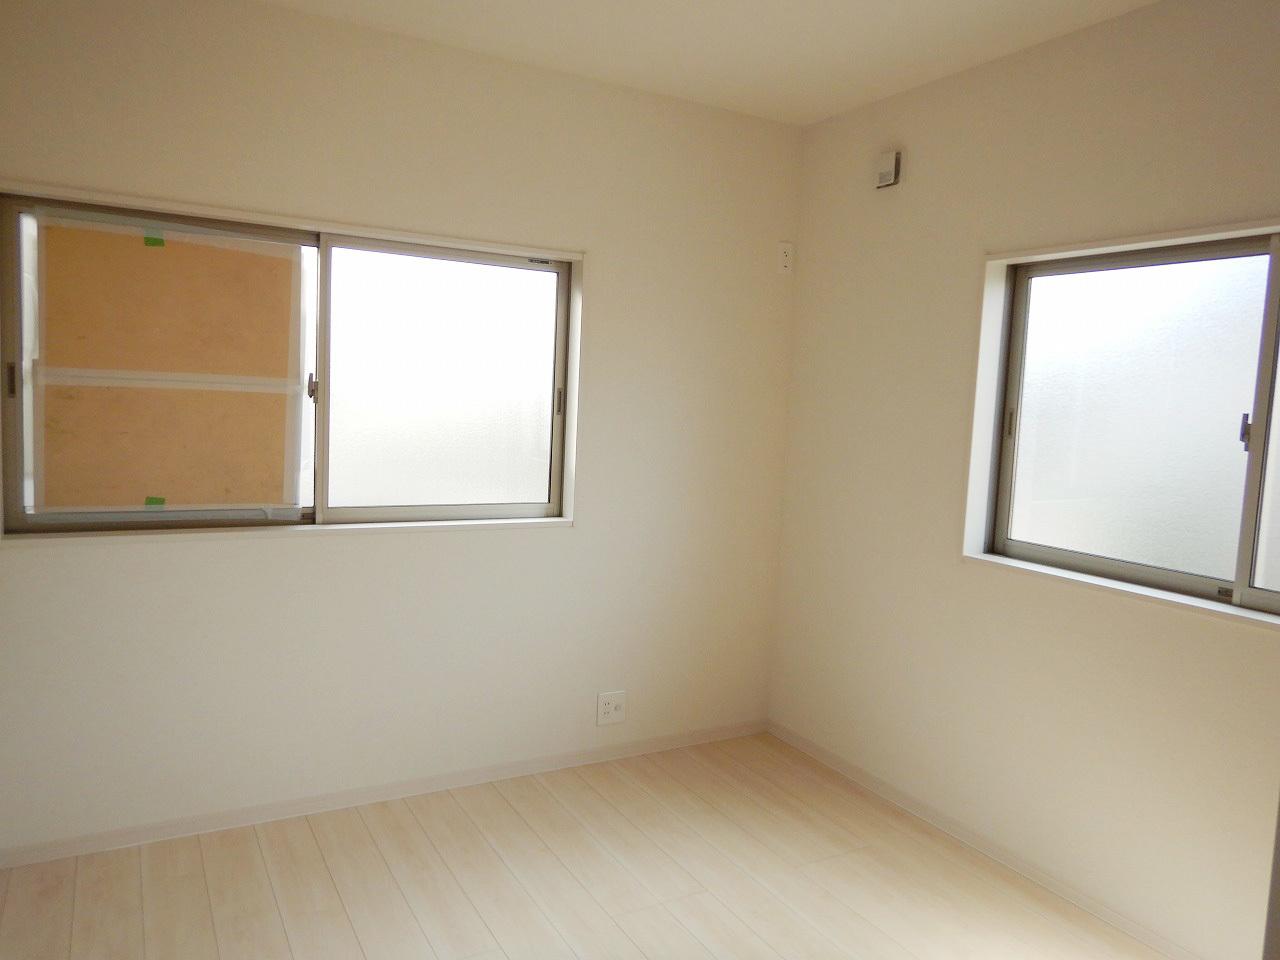 2面採光の明るい洋室!施工事例。実際のものと異なります。